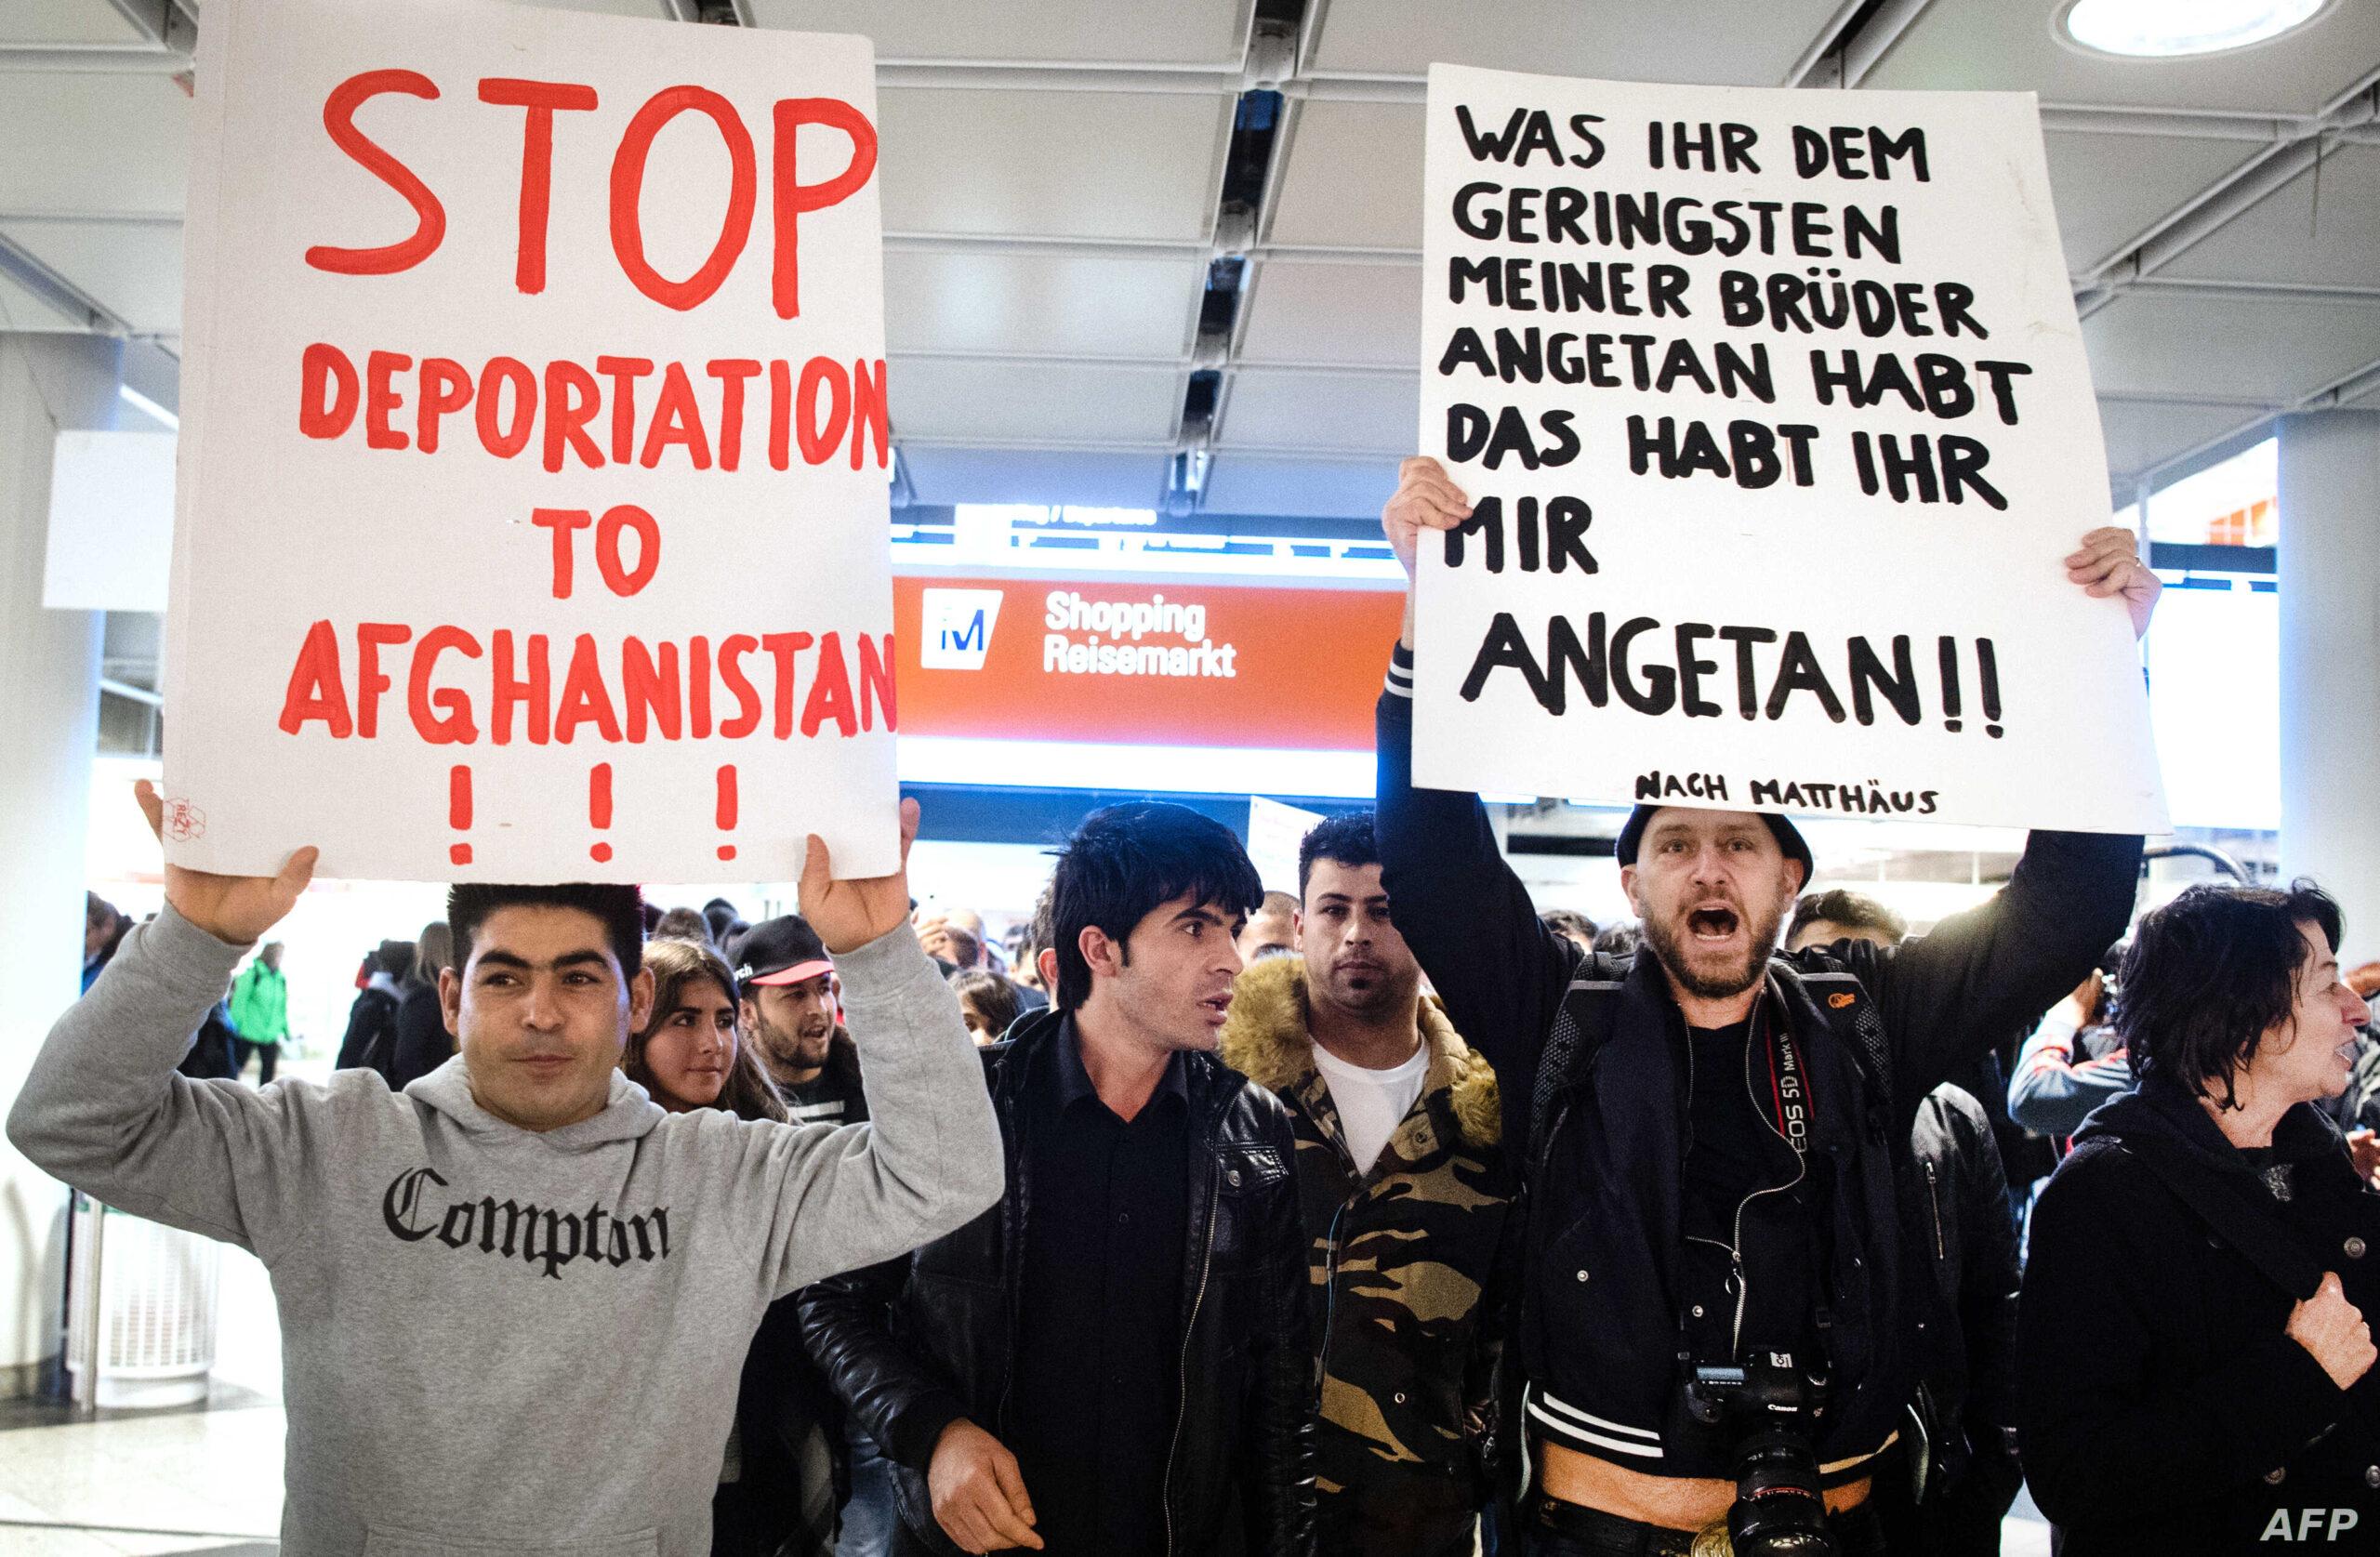 Budete možná překvapeni, jak velké multikulturní obohacení přináší Afghánci Evropě